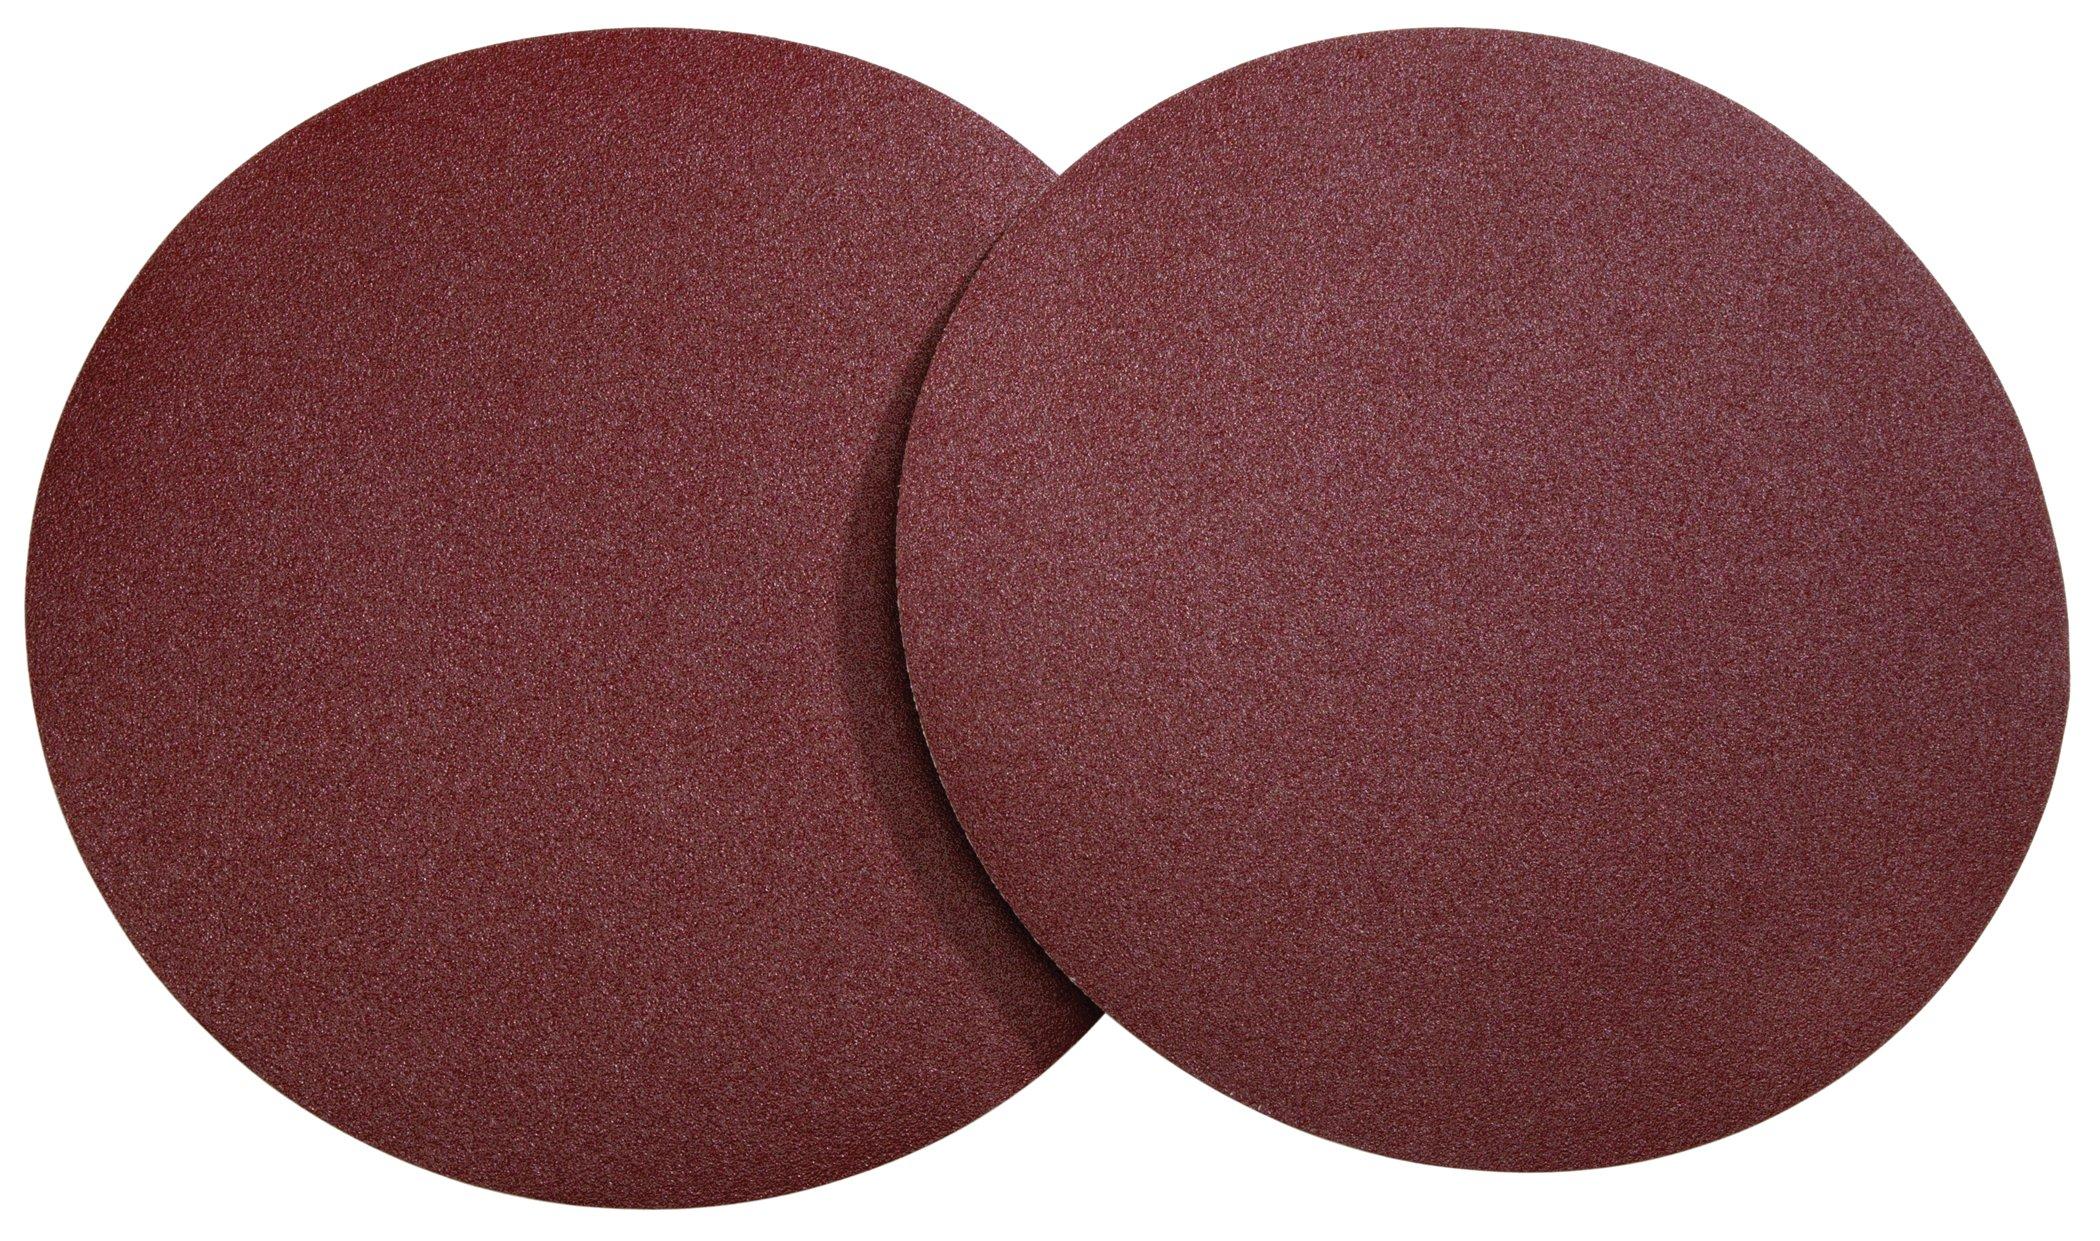 Woodstock D1336 12-Inch Diameter PSA 80 Grit Aluminum Oxide Sanding Disc, 2-Pack